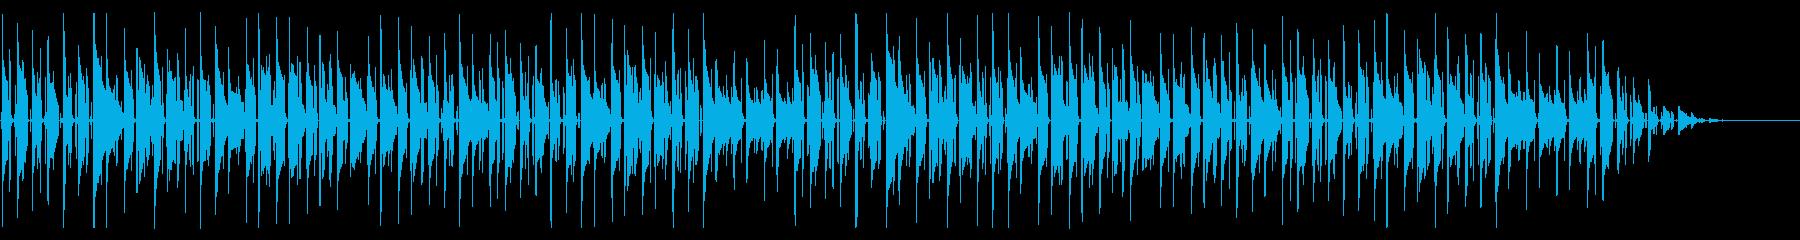 童謡「七つの子」脱力系アレンジの再生済みの波形